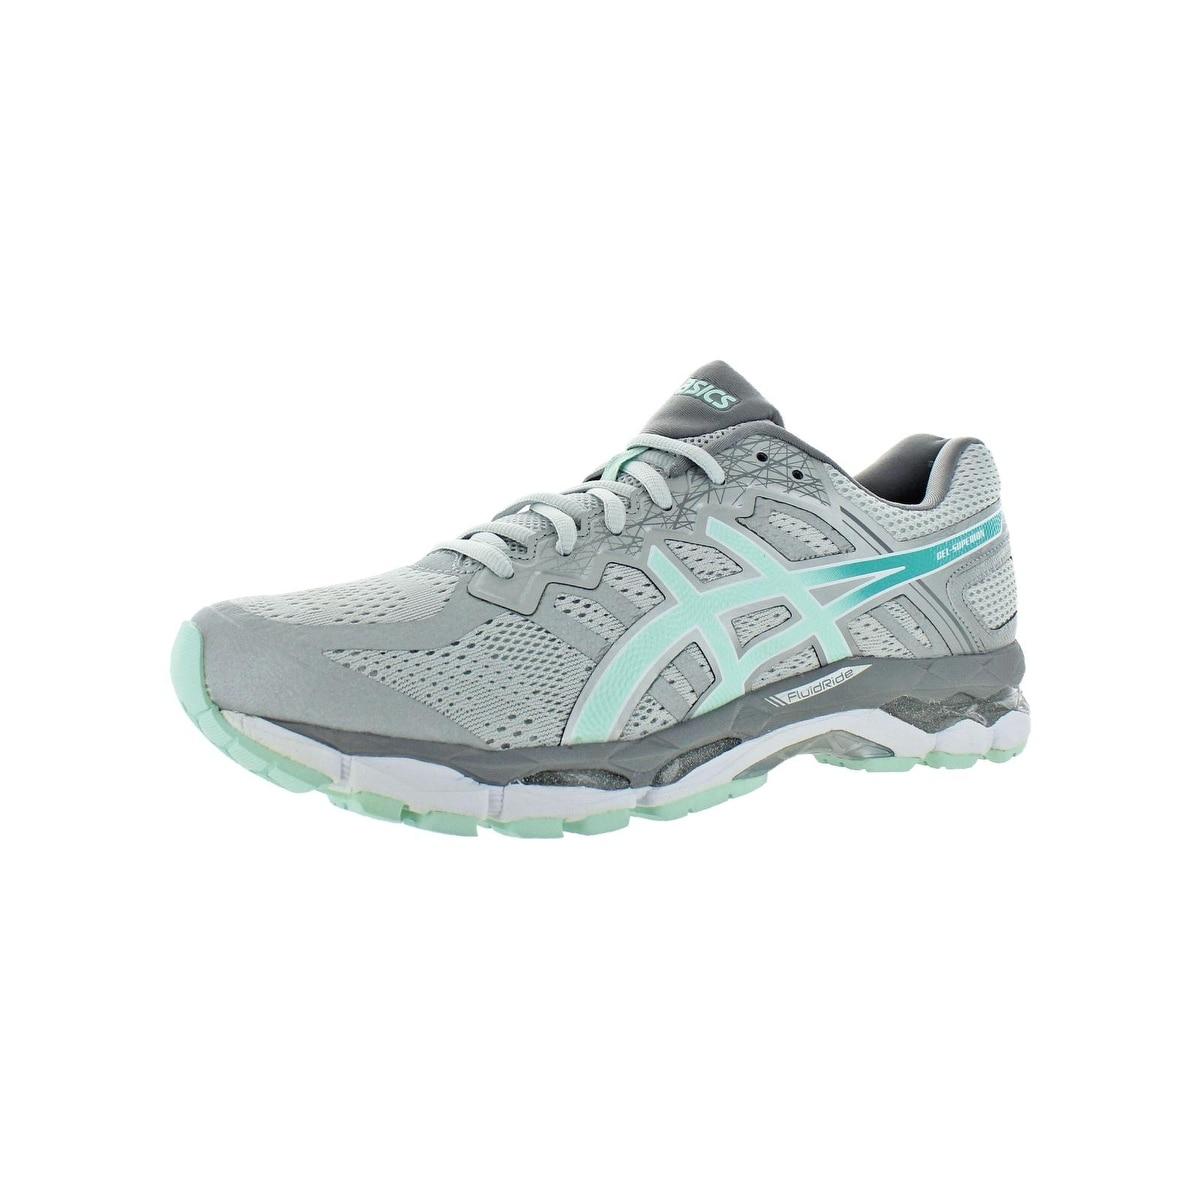 02129f18aa1 Asics Shoes